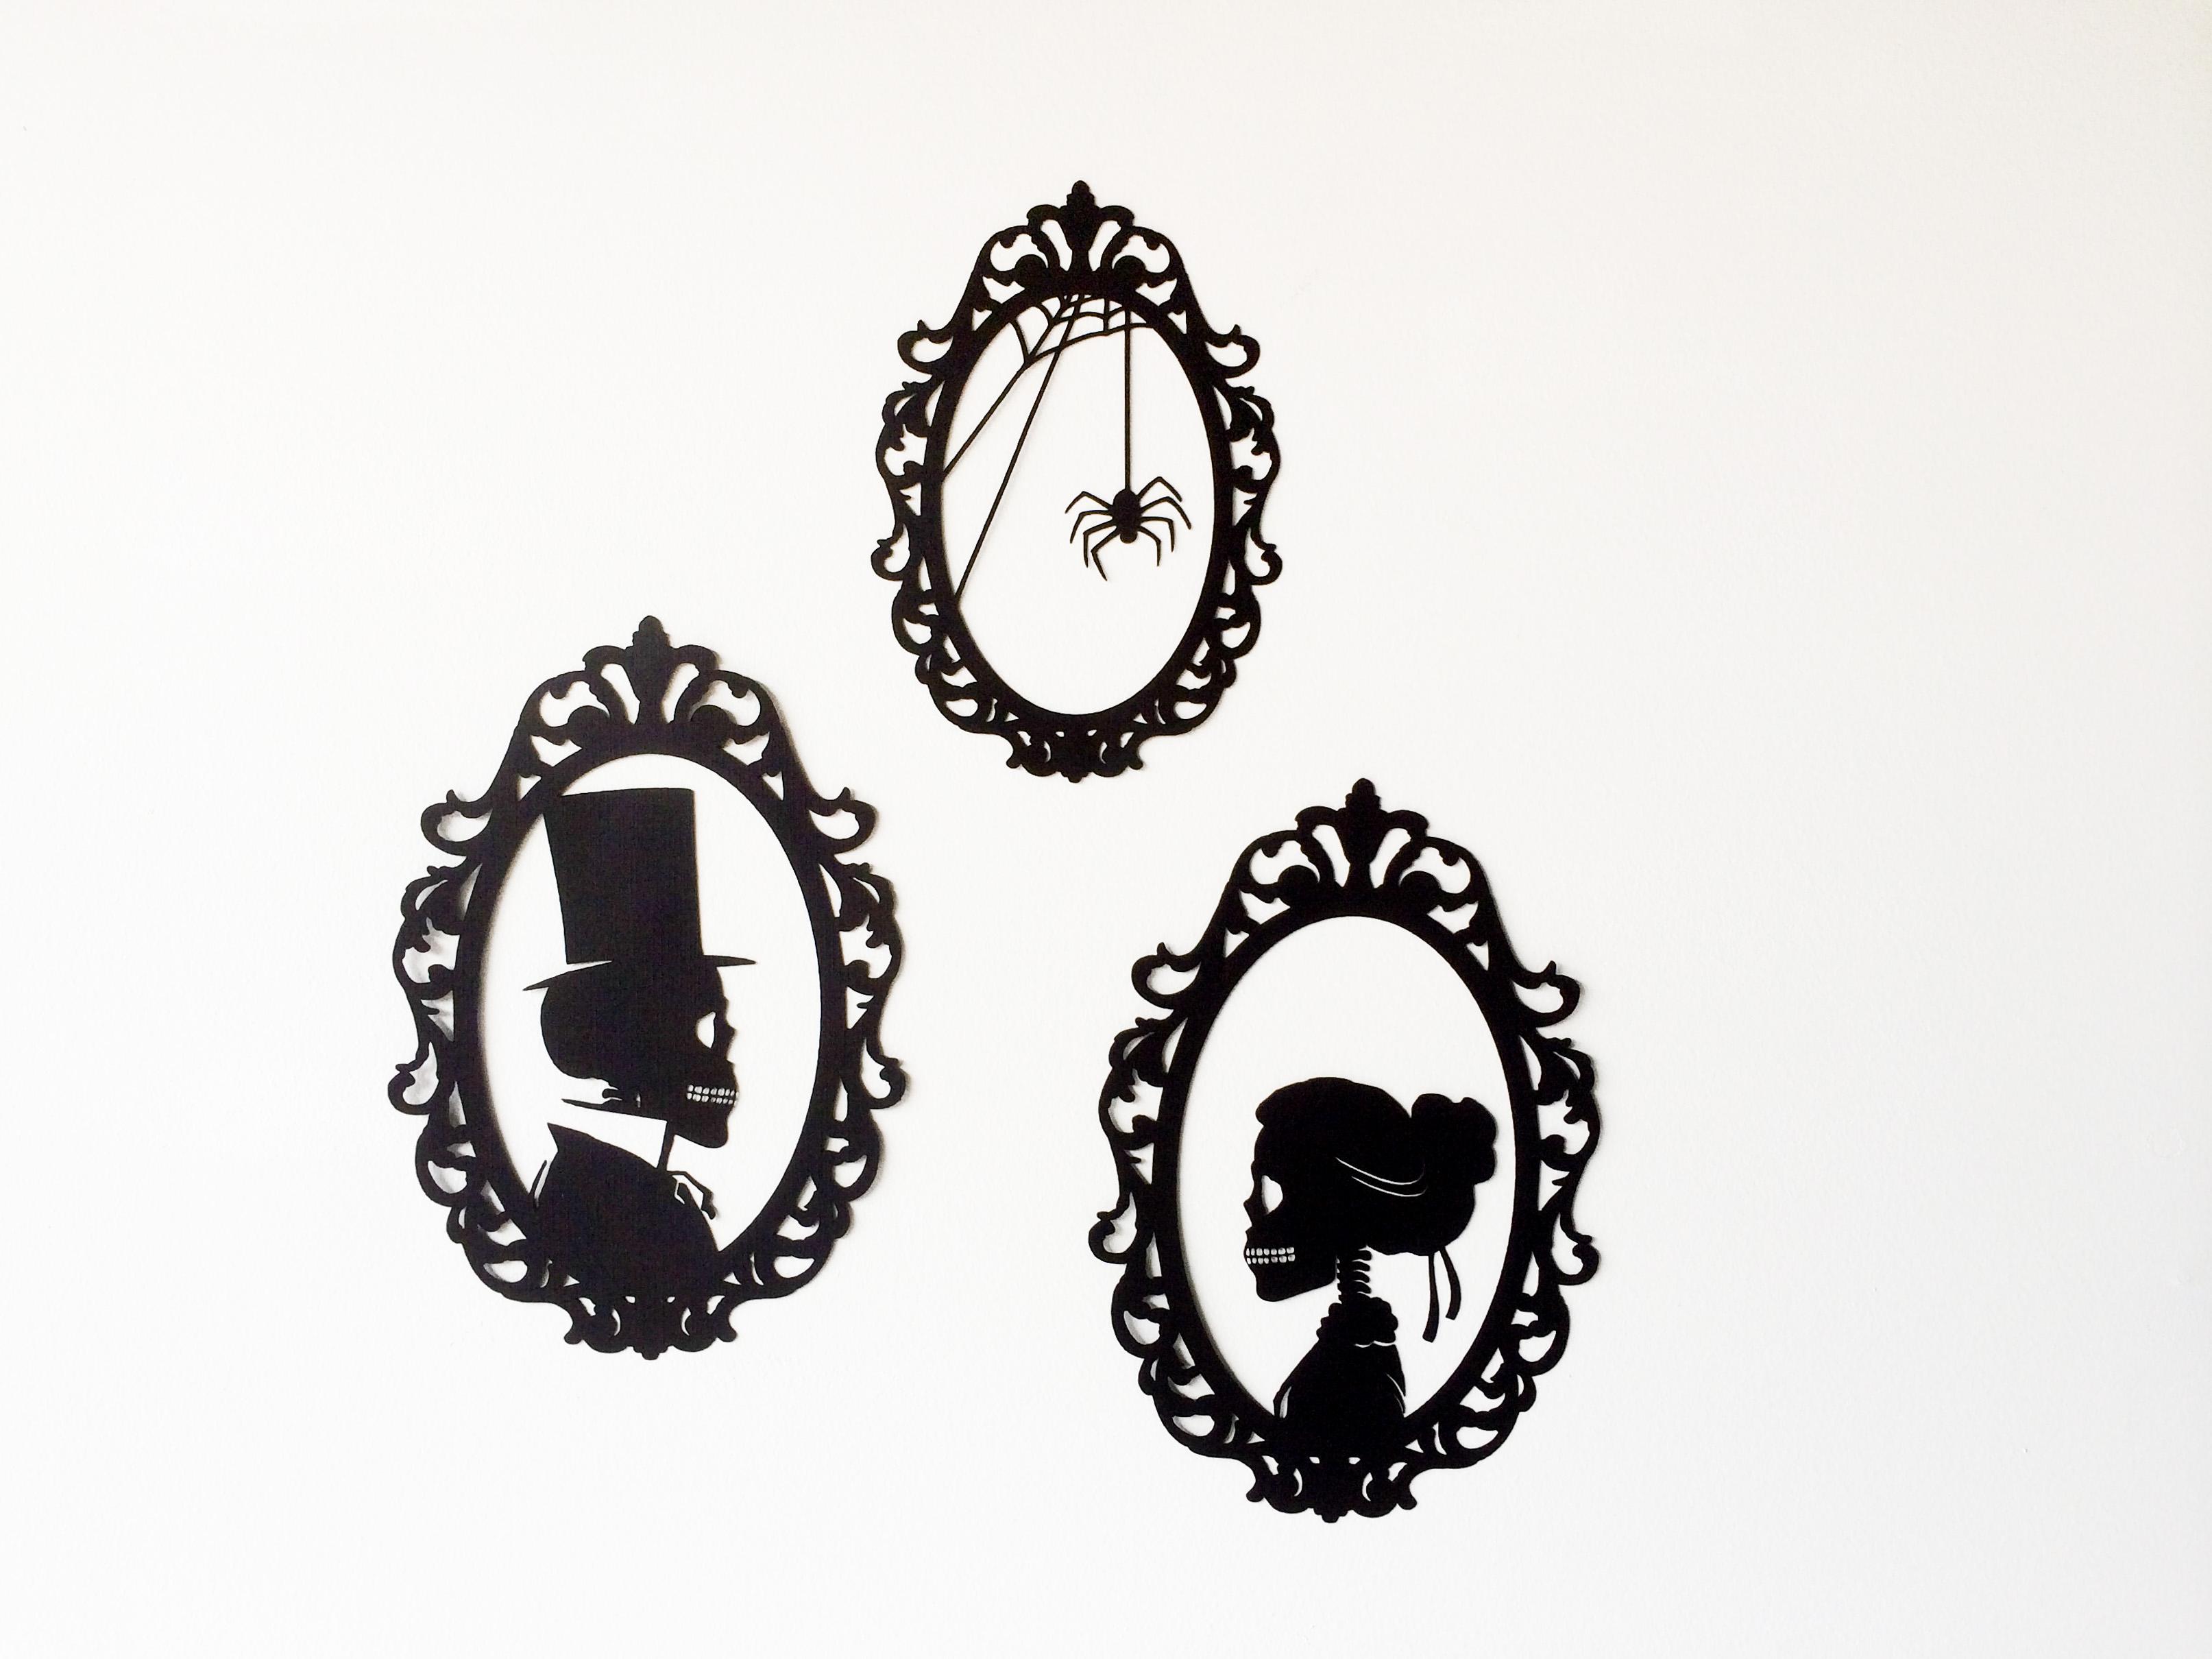 DIY Skeleton Silhouettes